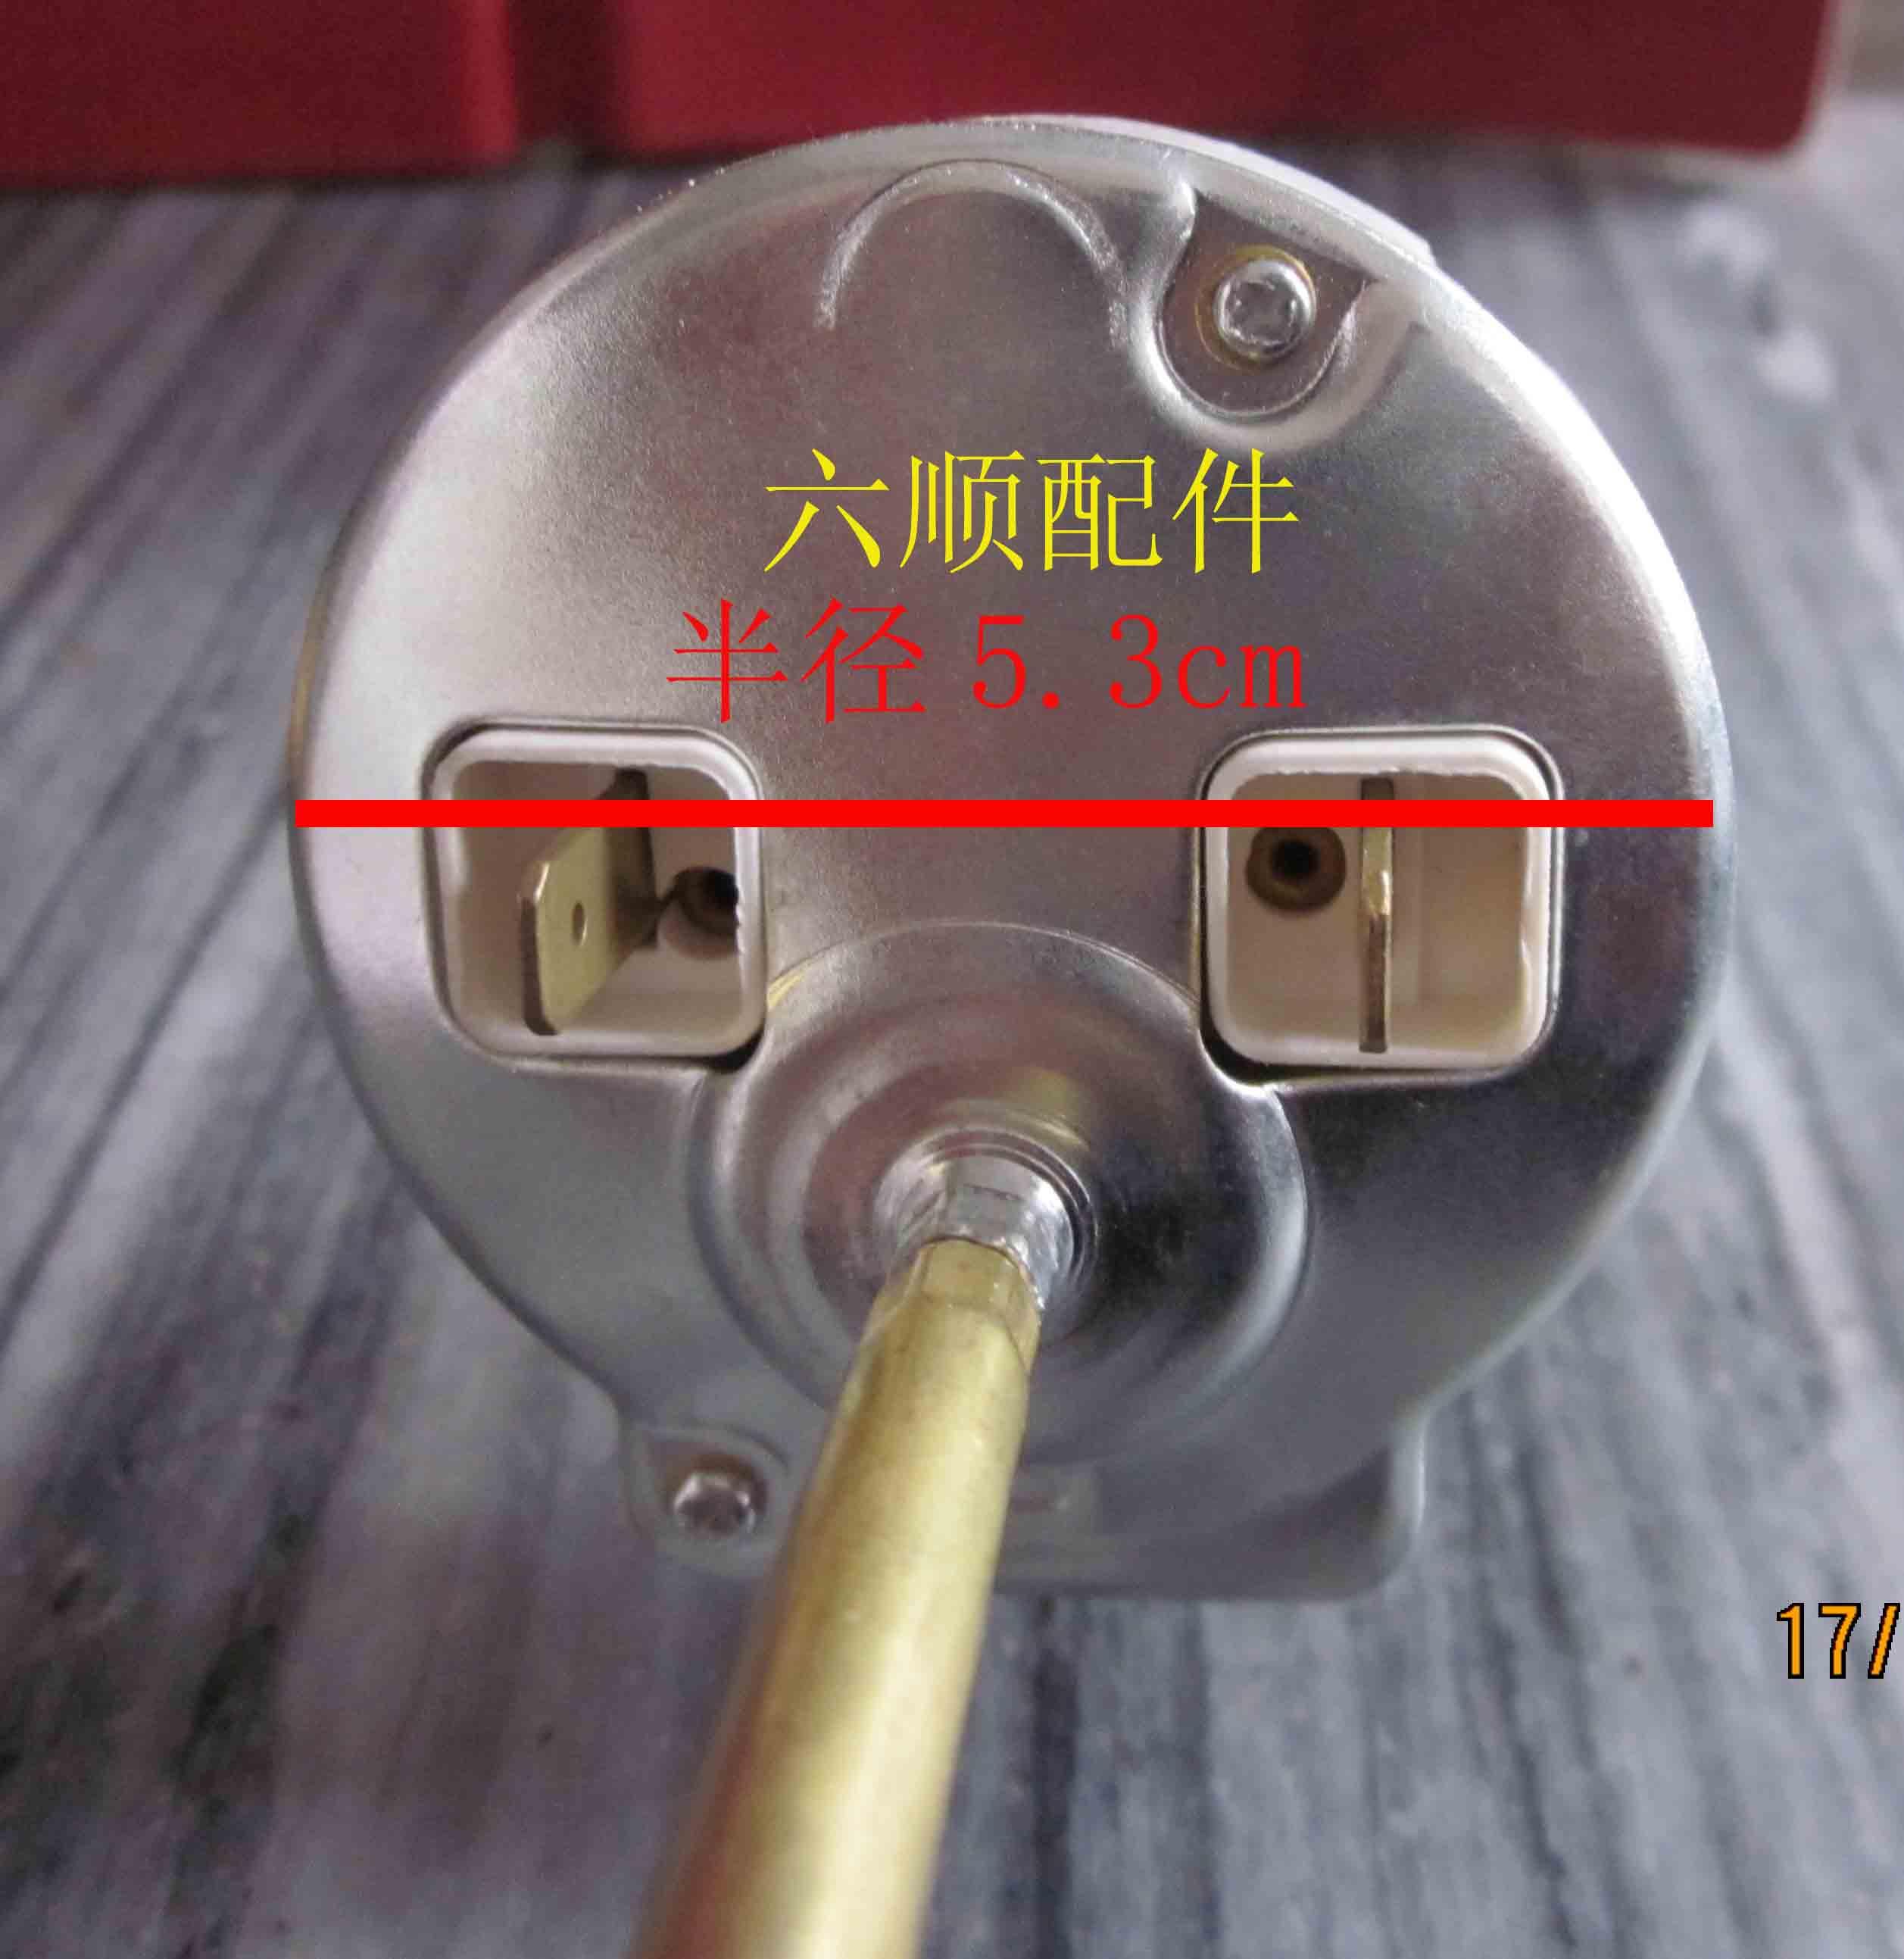 批发零售阿里斯顿电热水器温控器图片